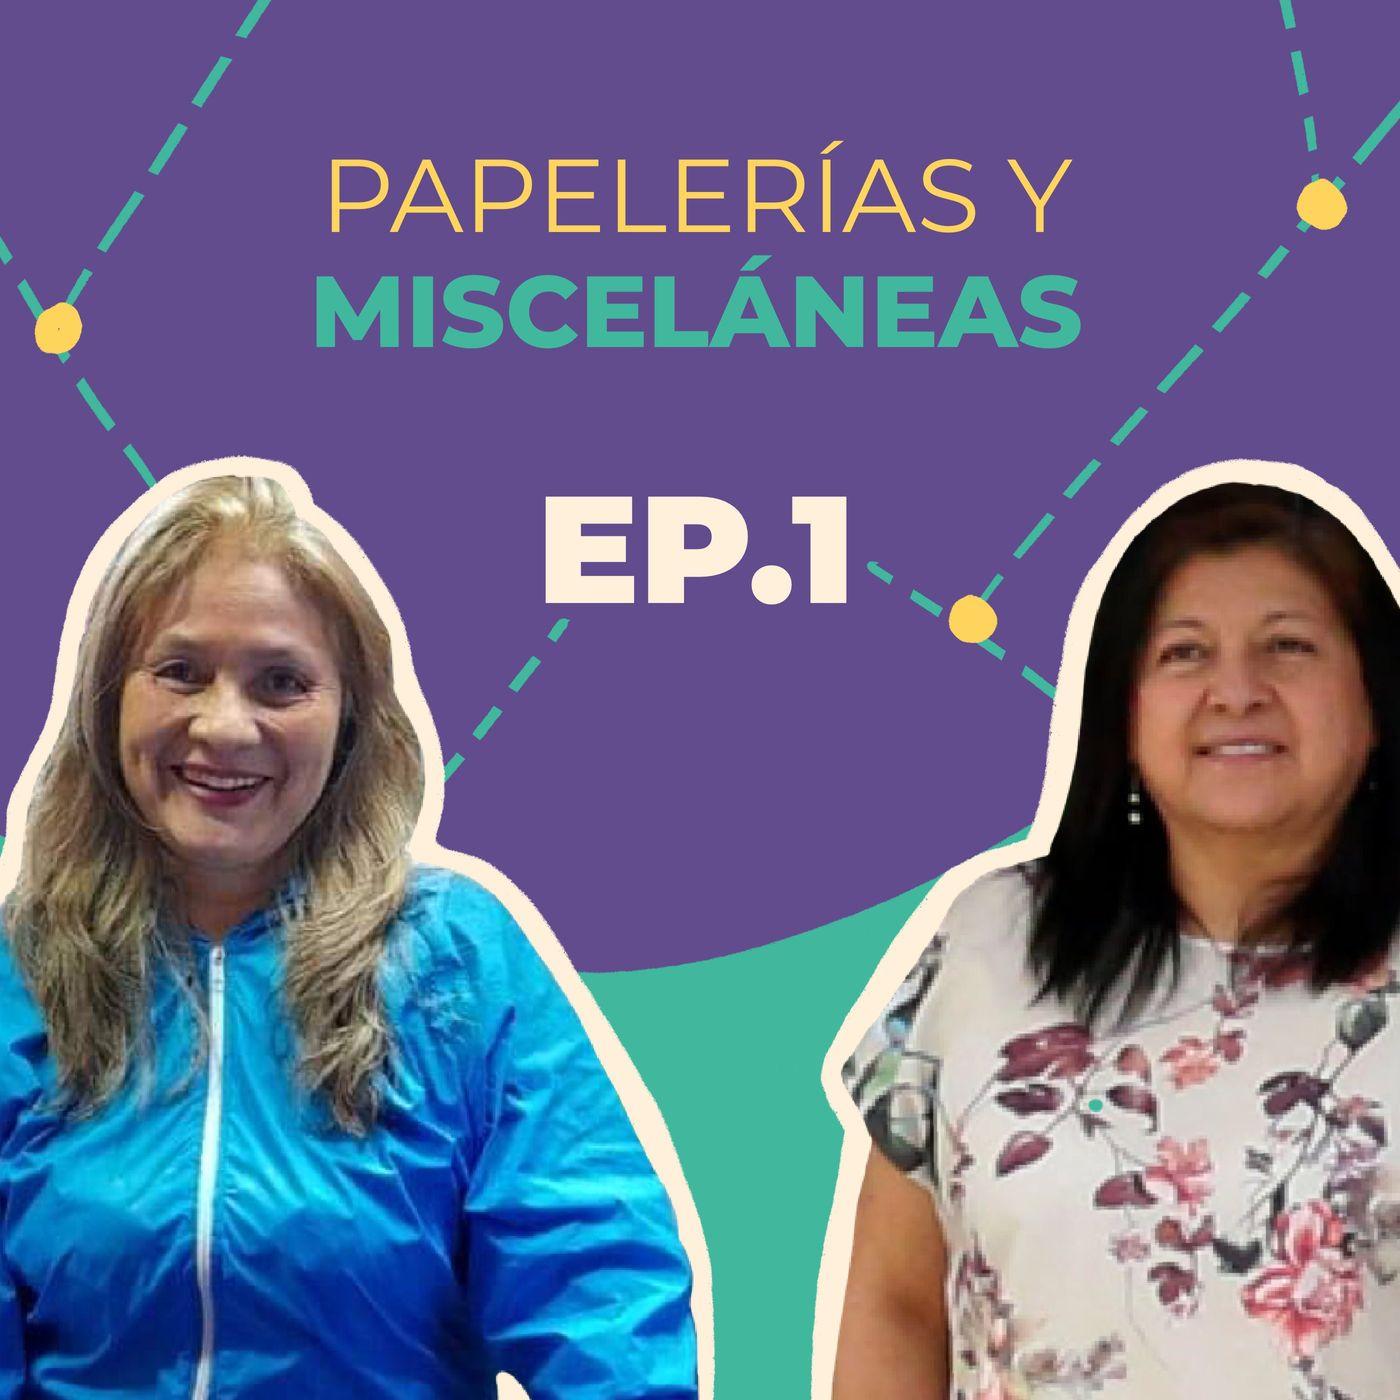 Misceláneas y Papelerías en Bogotá | Bacatáfono: Historia entre-tiendas | EP1.T2